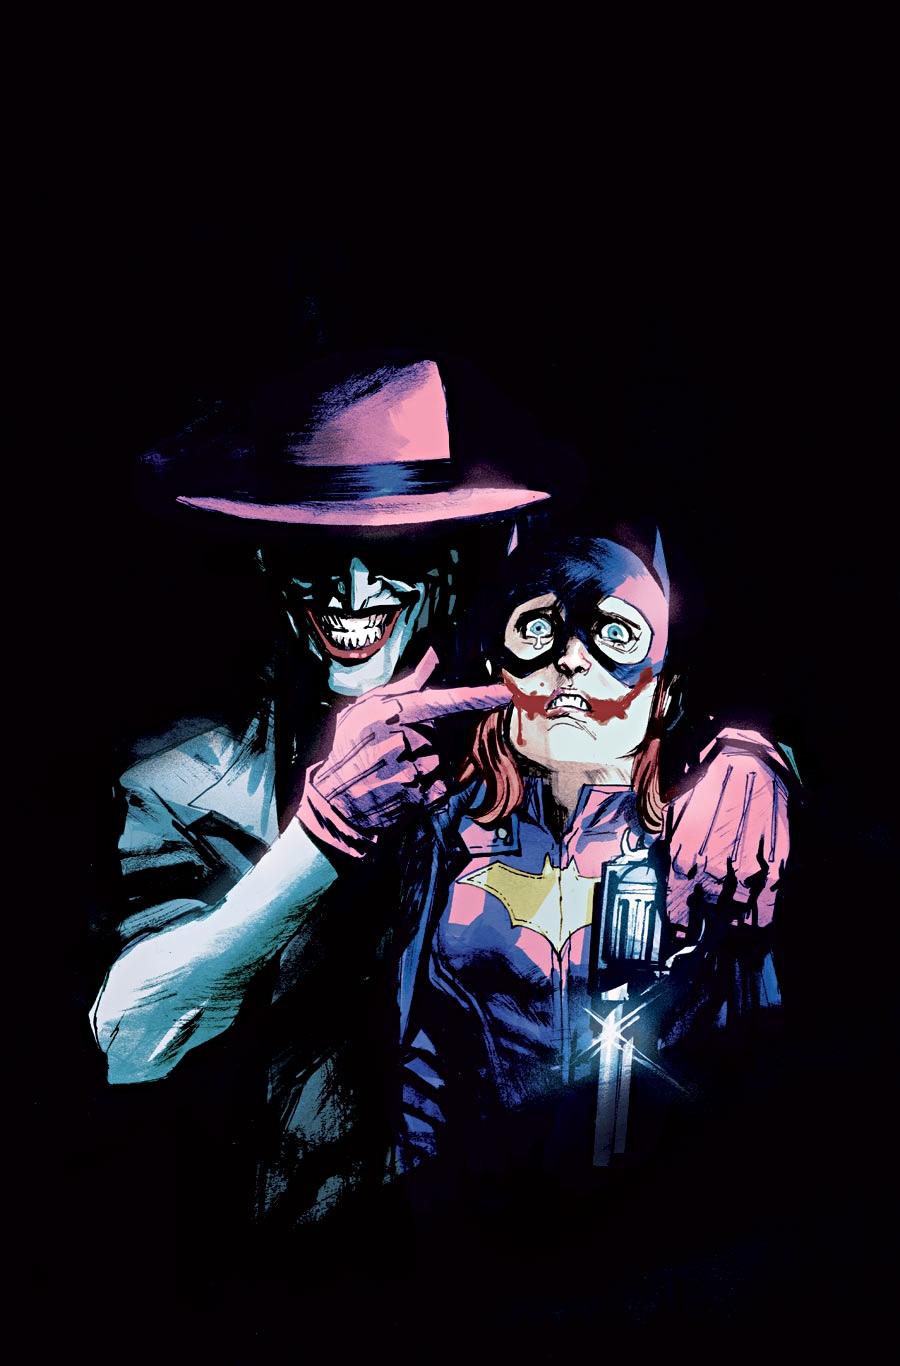 http://www.pastemagazine.com/articles/Batgirl-41-joker-variant--012.jpg